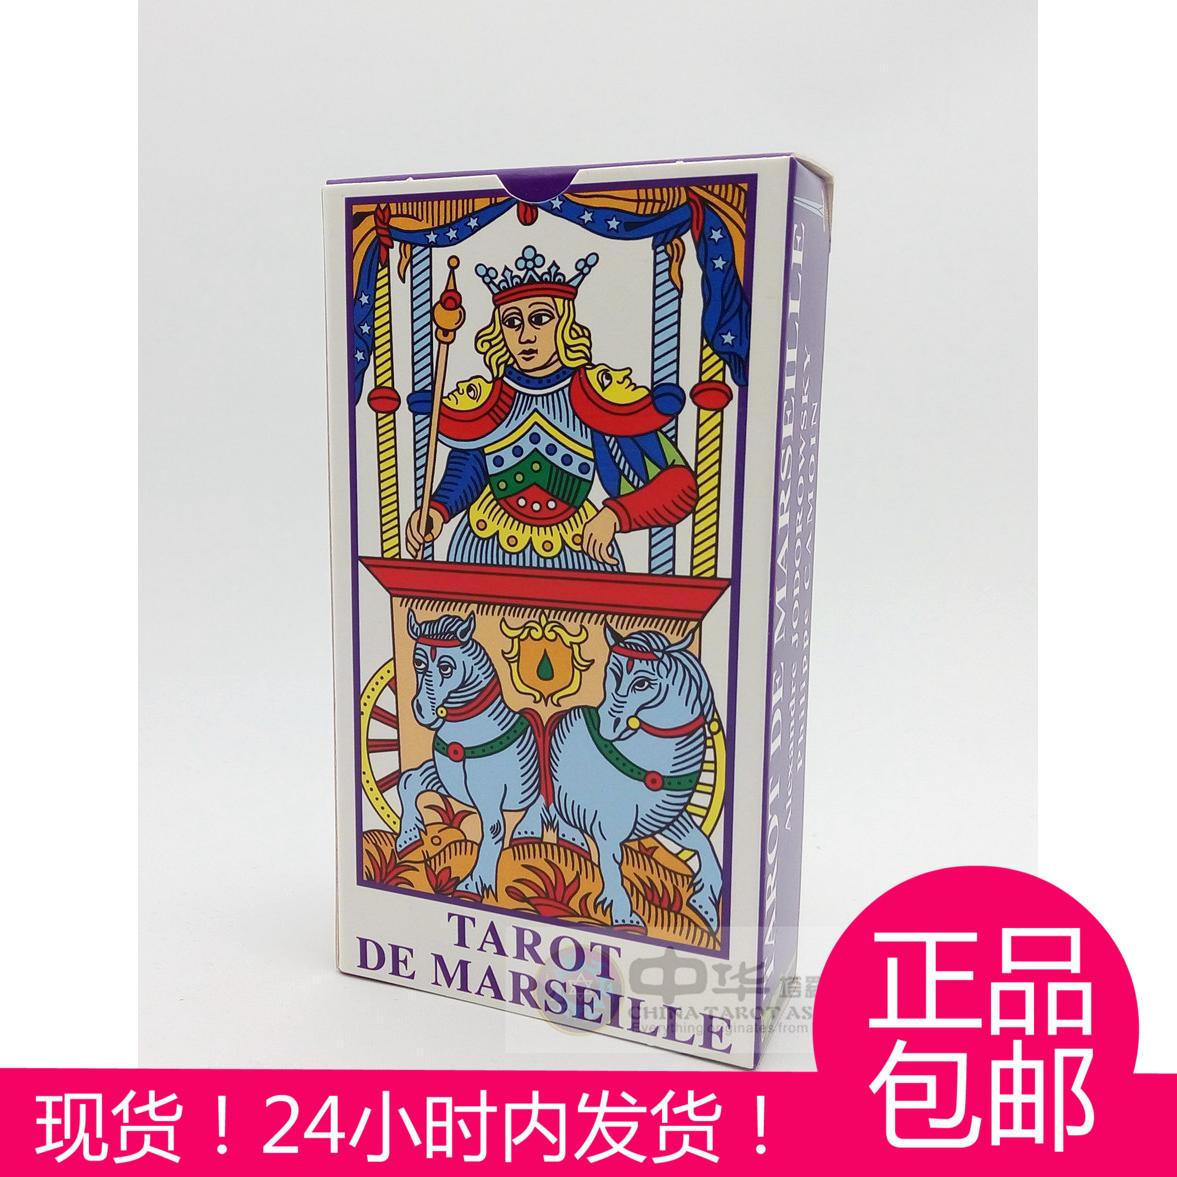 карточки-для-настольных-игр-italy-scarab-tarot-de-marseille